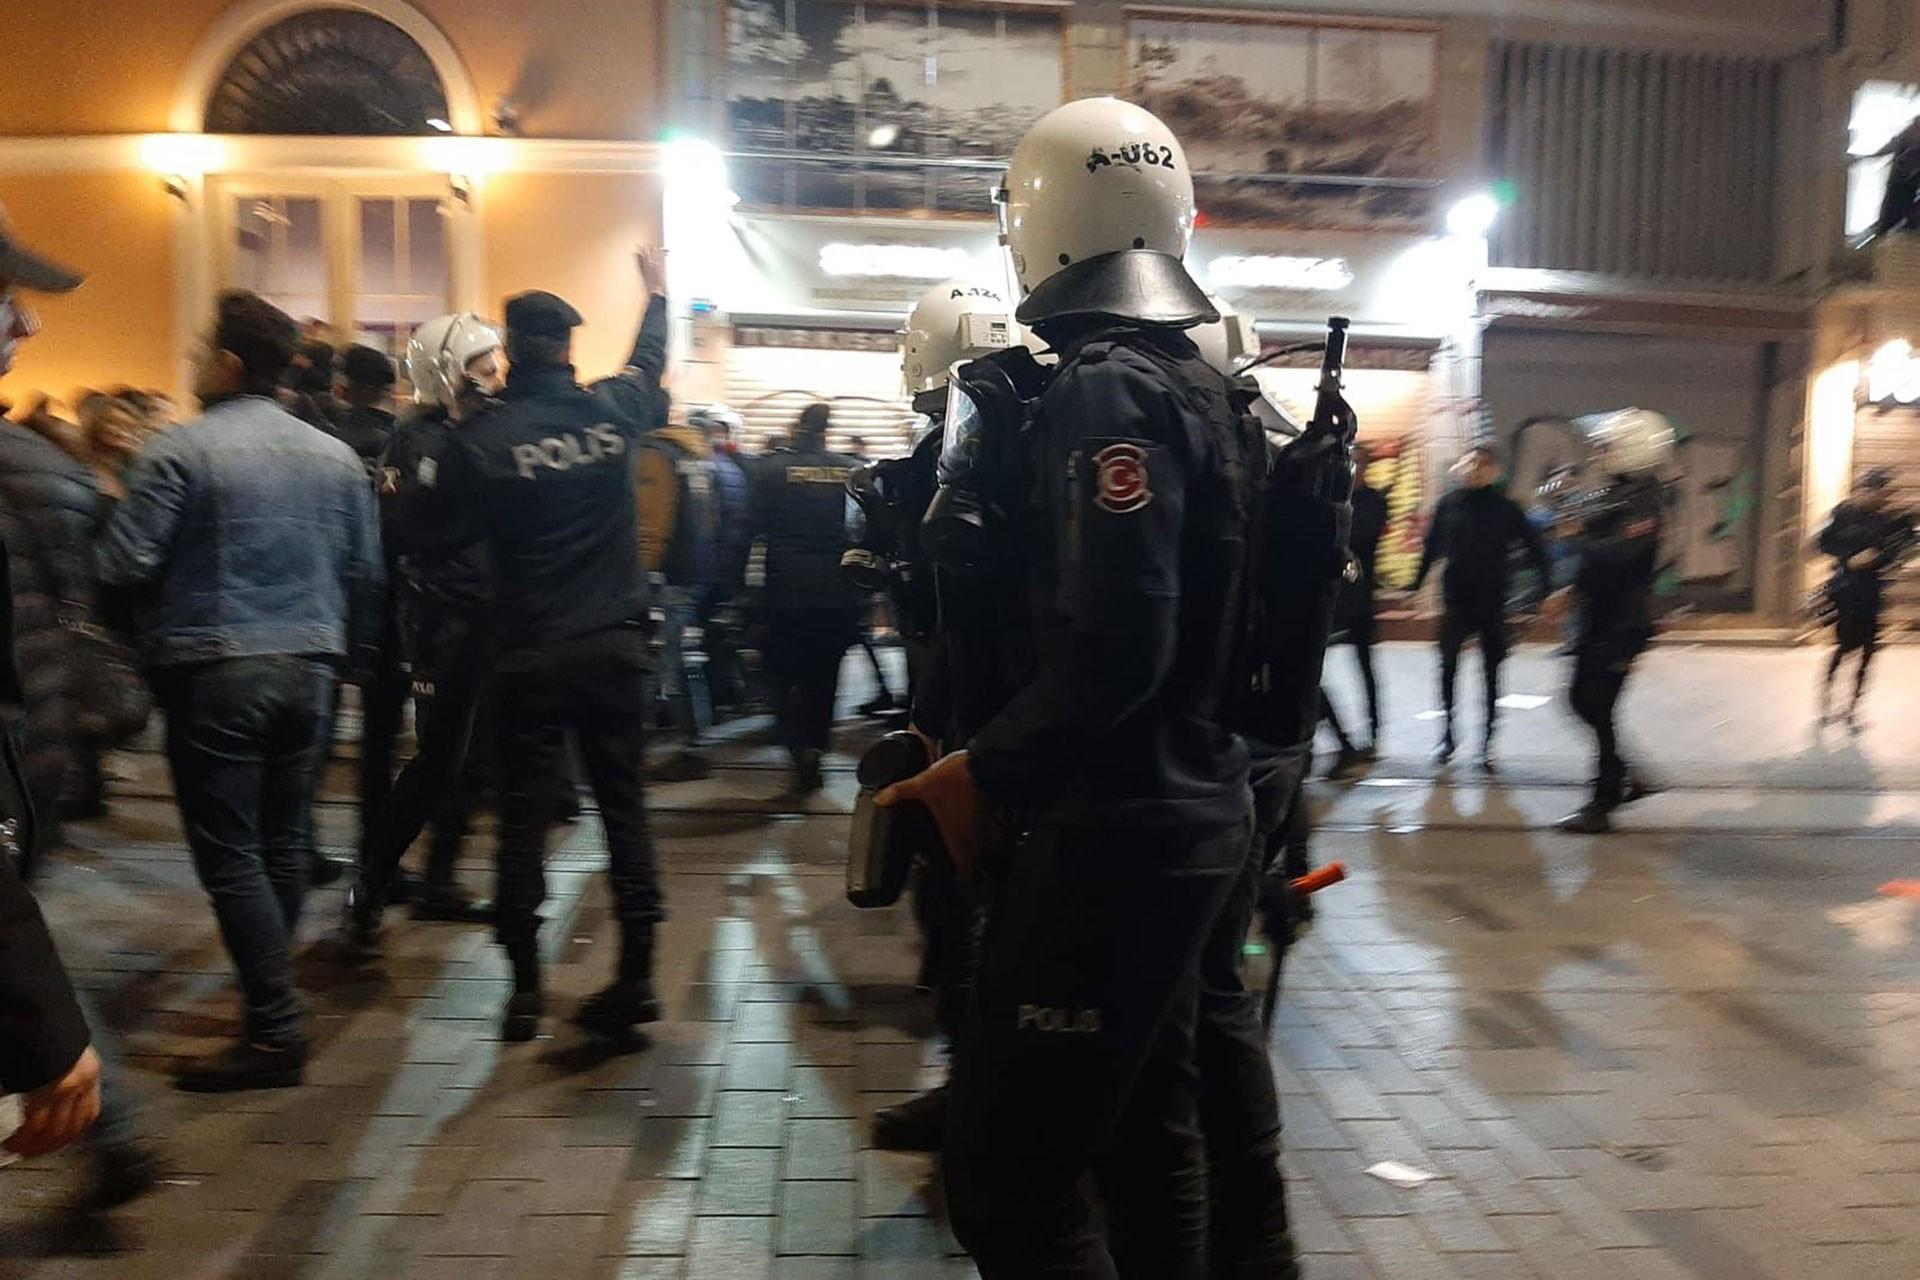 İstanbul'daki 25 Kasım eylemine müdahale eden polisler